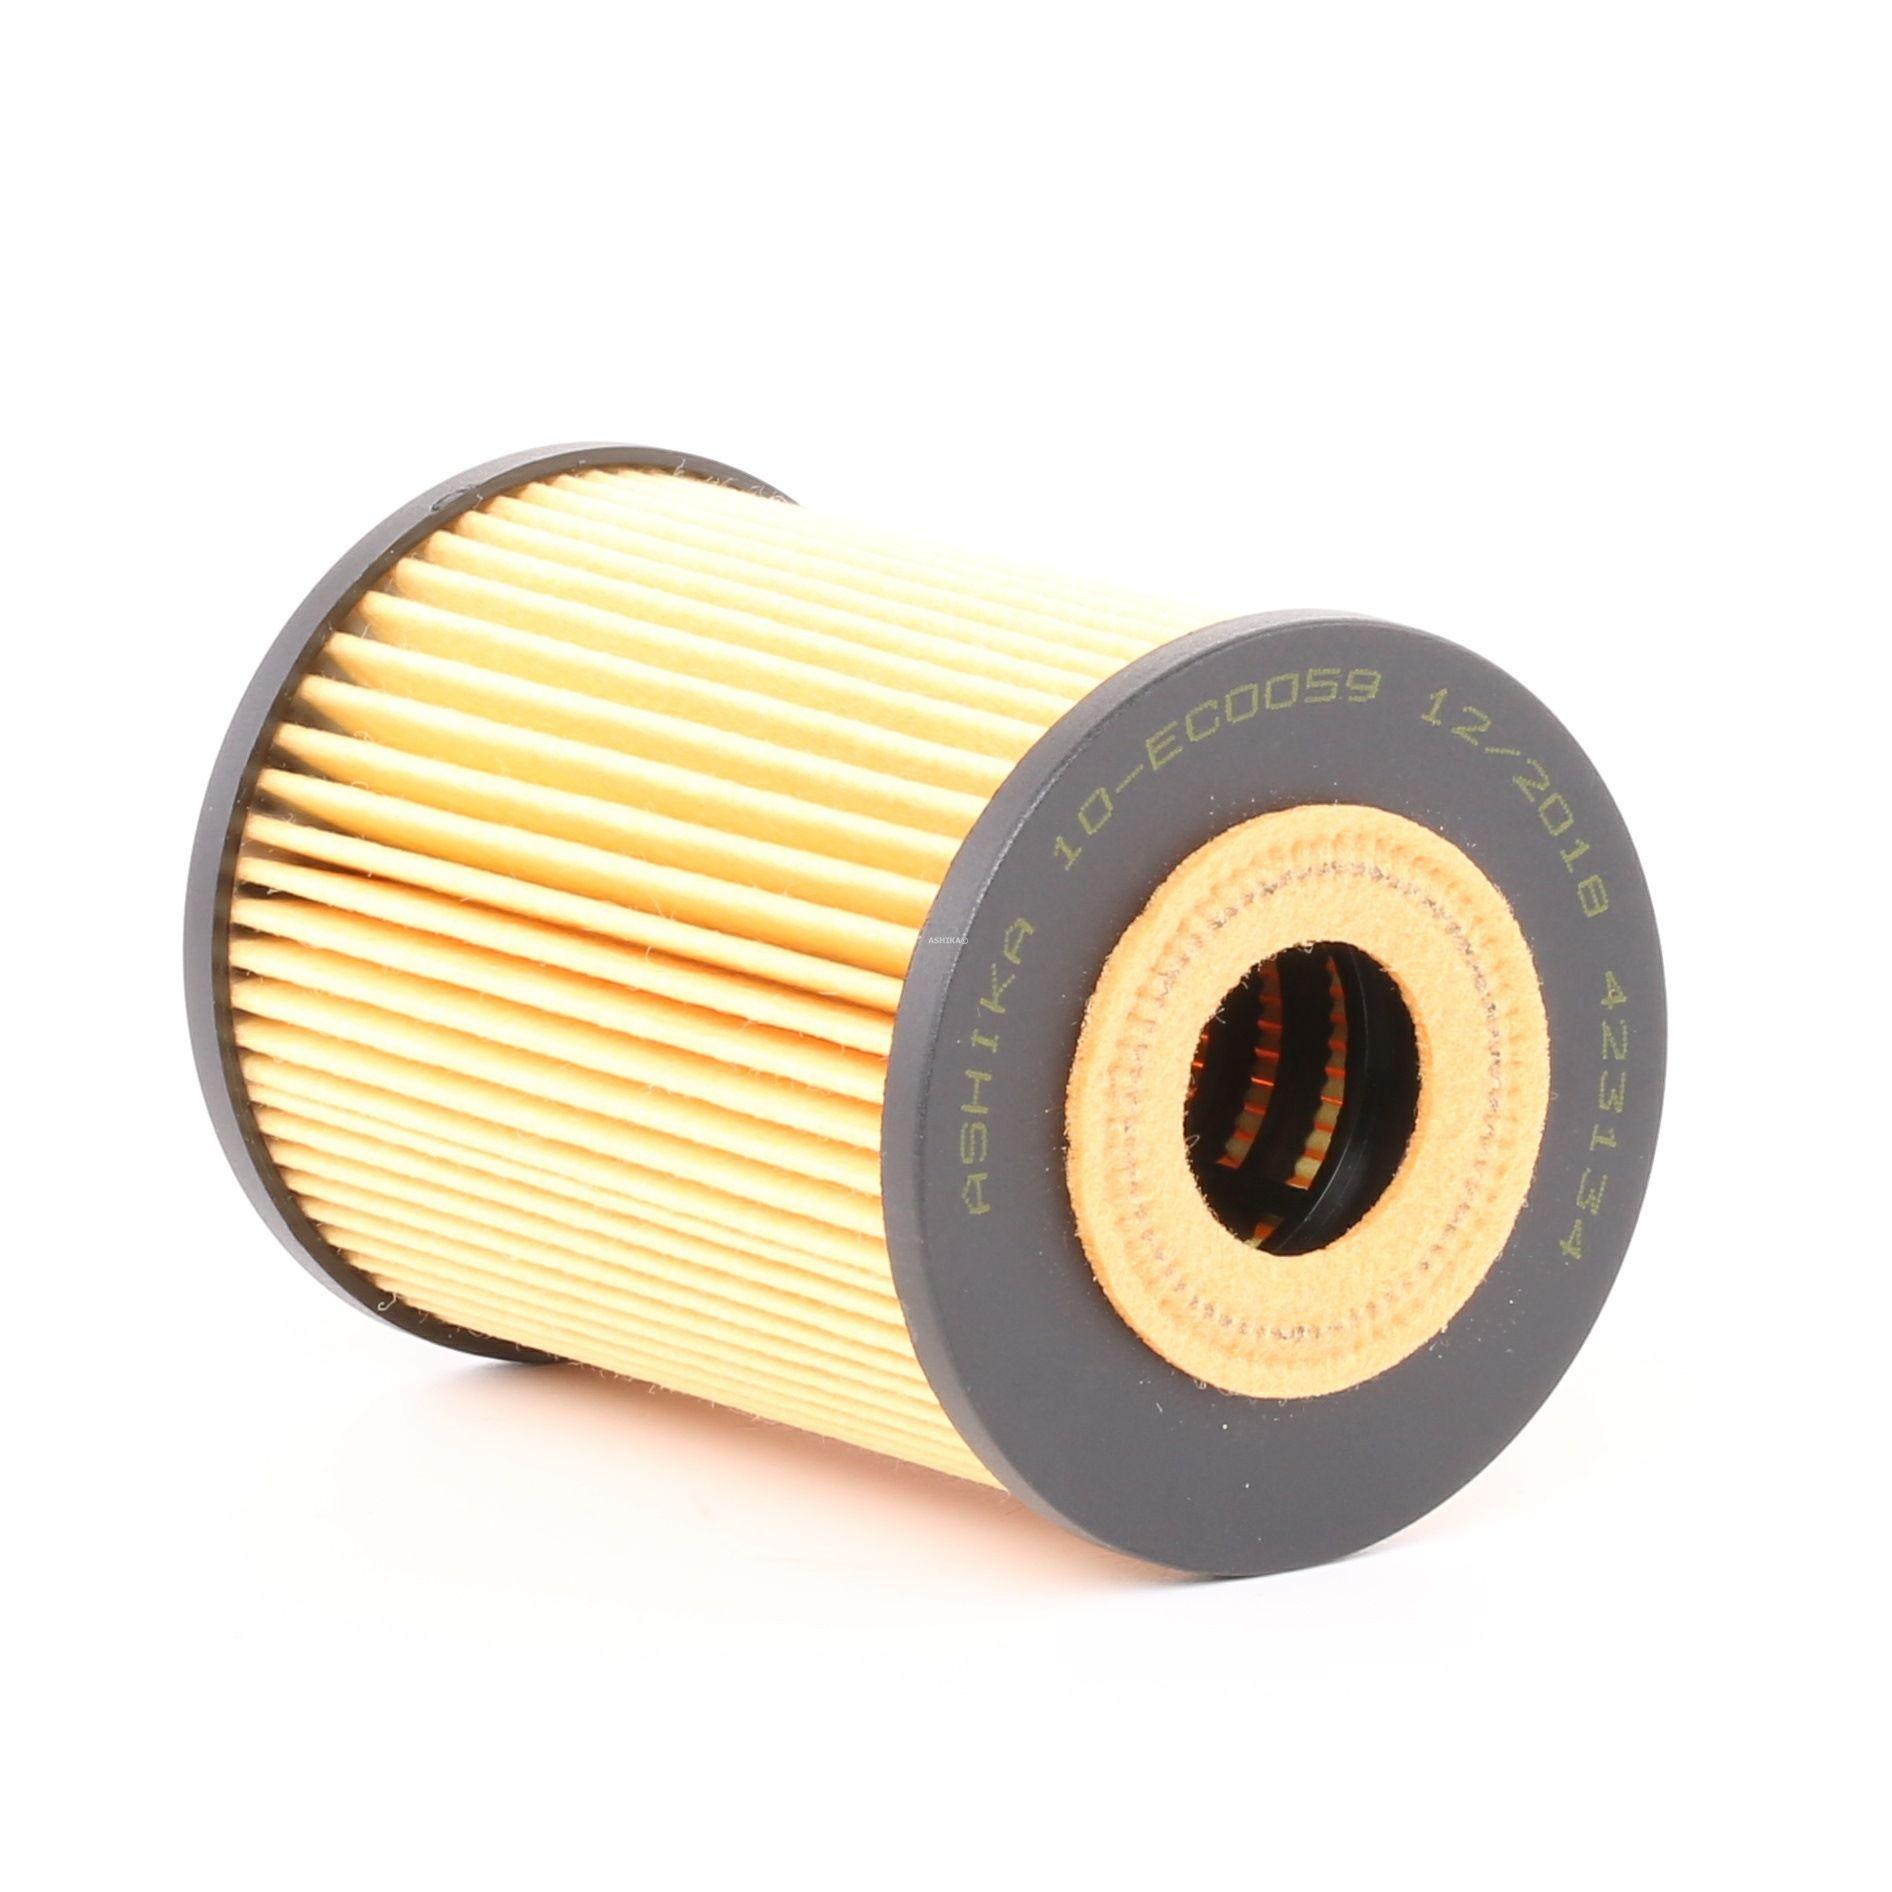 10-ECO059 ASHIKA Filtereinsatz Innendurchmesser: 26mm, Ø: 63mm, Länge: 83mm, Länge: 83mm Ölfilter 10-ECO059 günstig kaufen